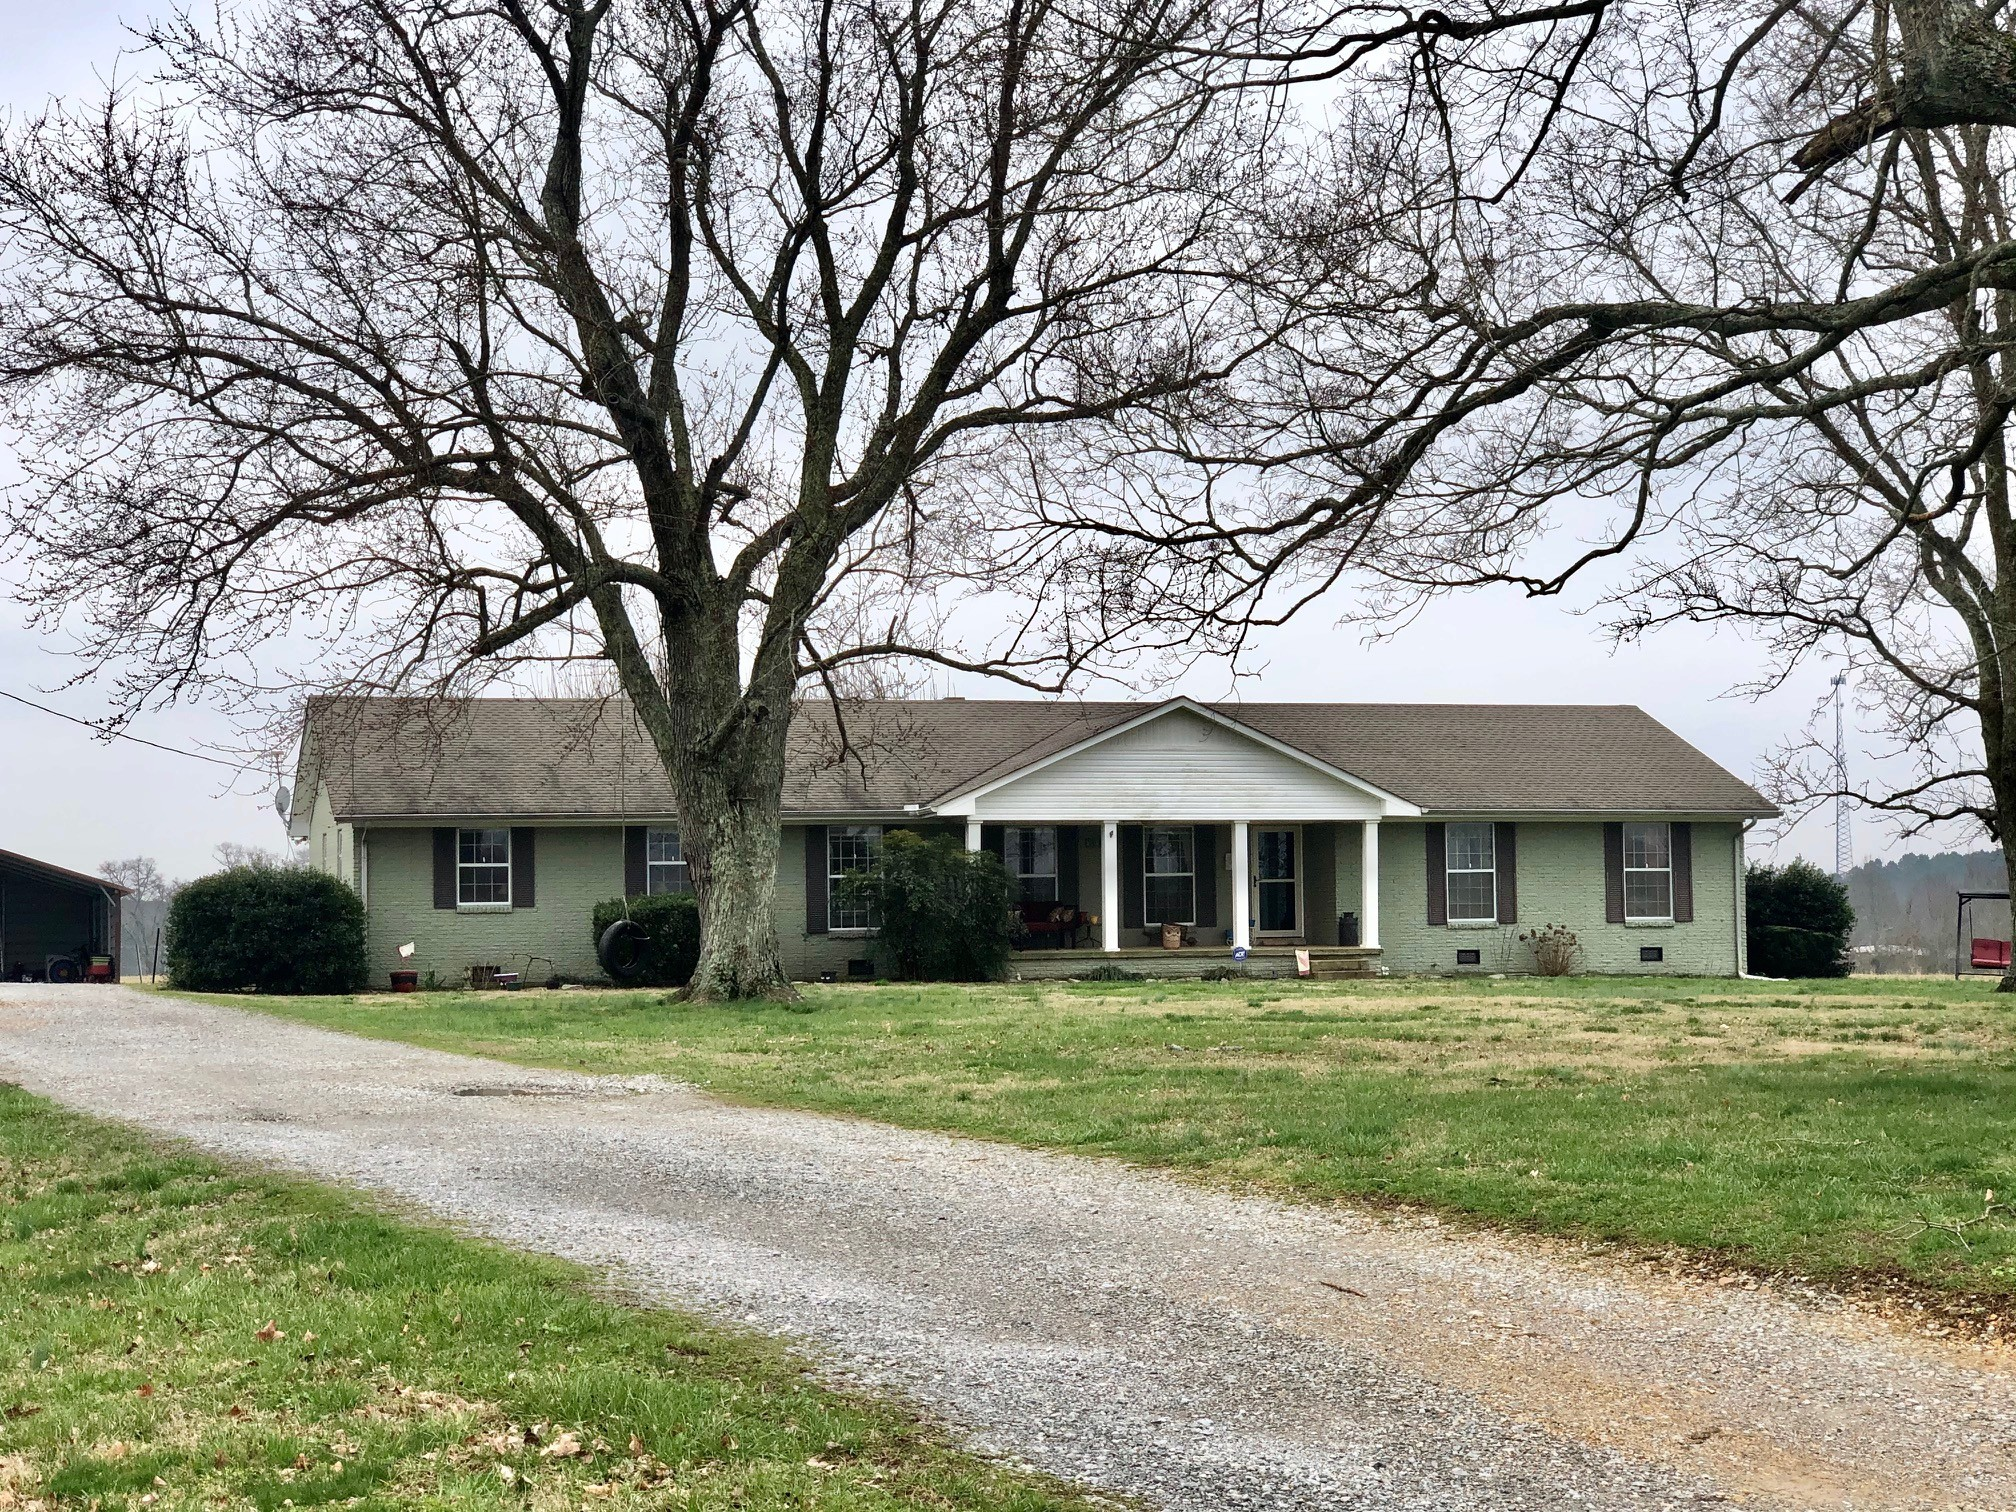 244 Old Jackson Hwy, Loretto, TN 38469 - Loretto, TN real estate listing